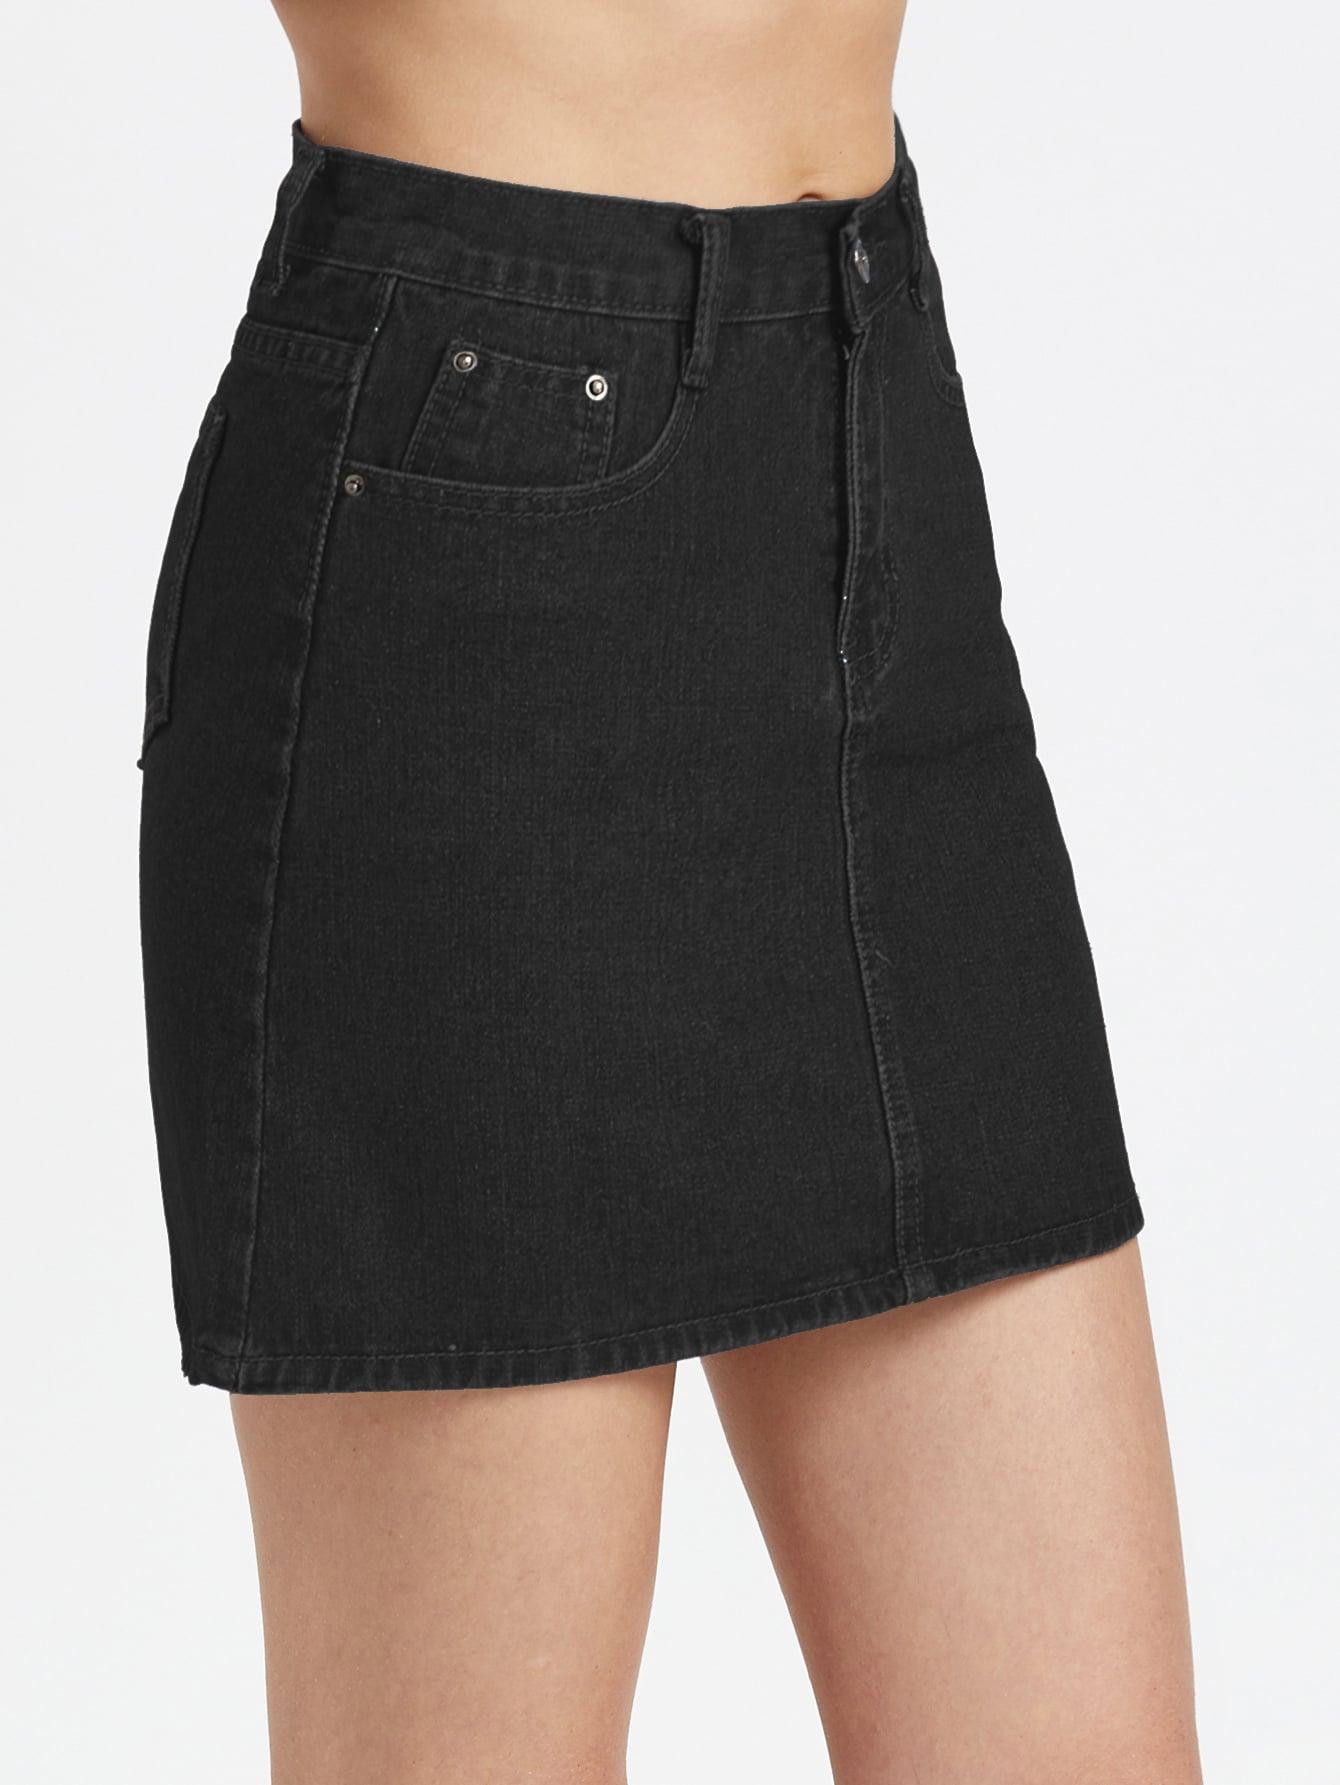 Image of 5 Pocket Denim Skirt